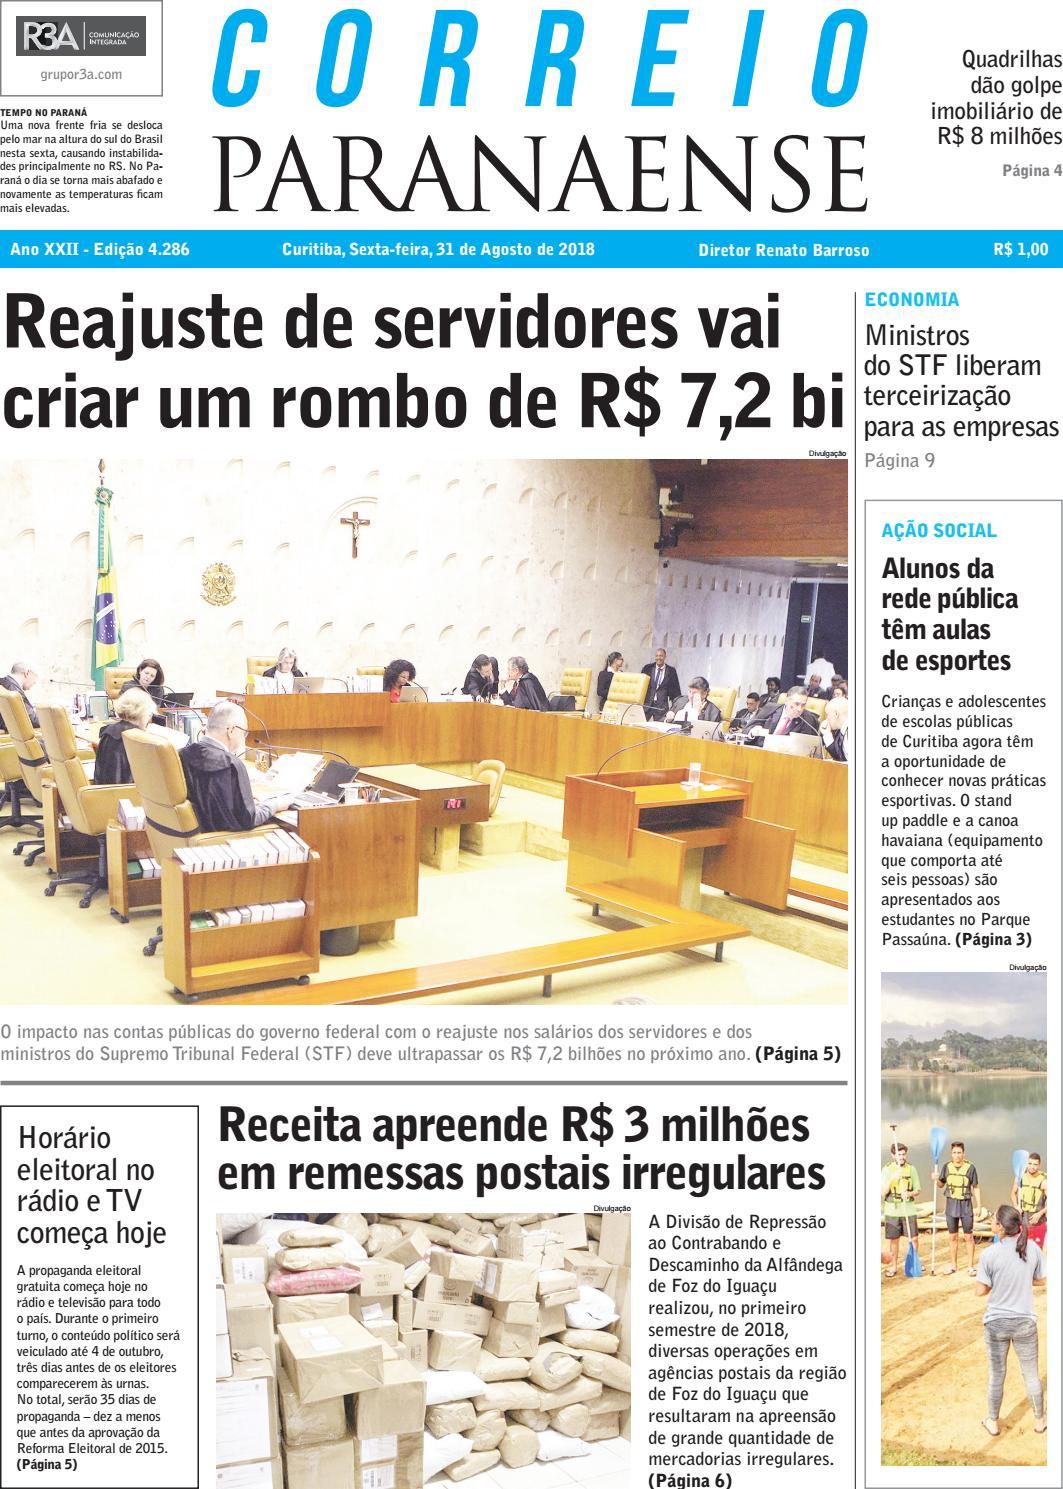 Correio Paranaense - 31 08 18 by Editora Correio Paranaense - issuu 2ac3f586adf